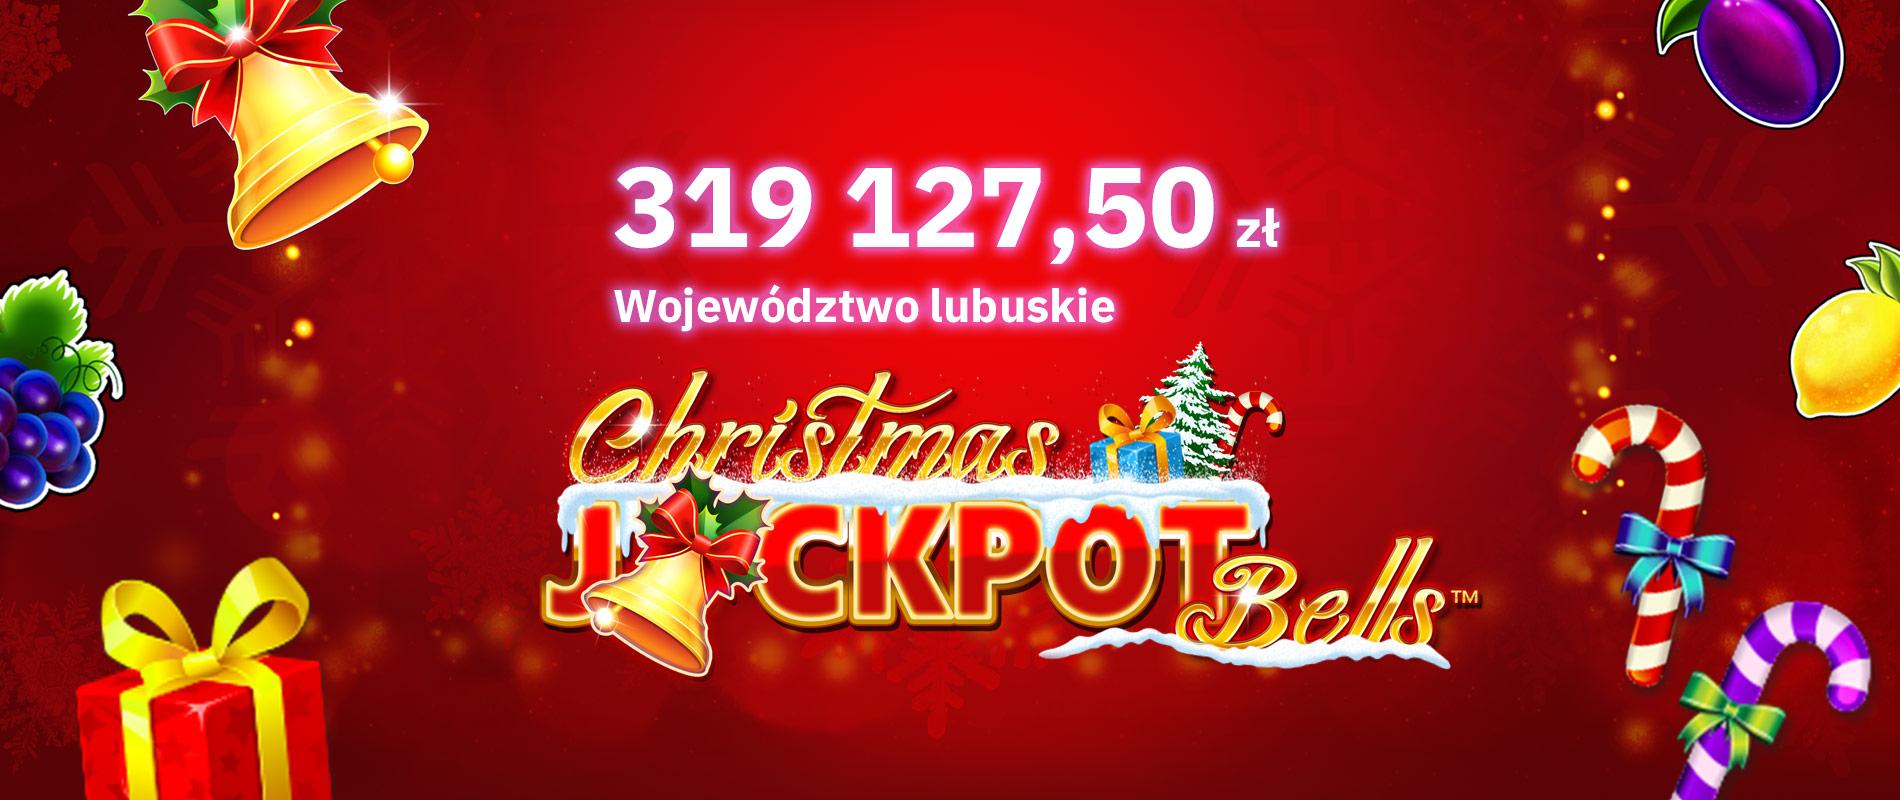 Jakcpot Bells Christmas